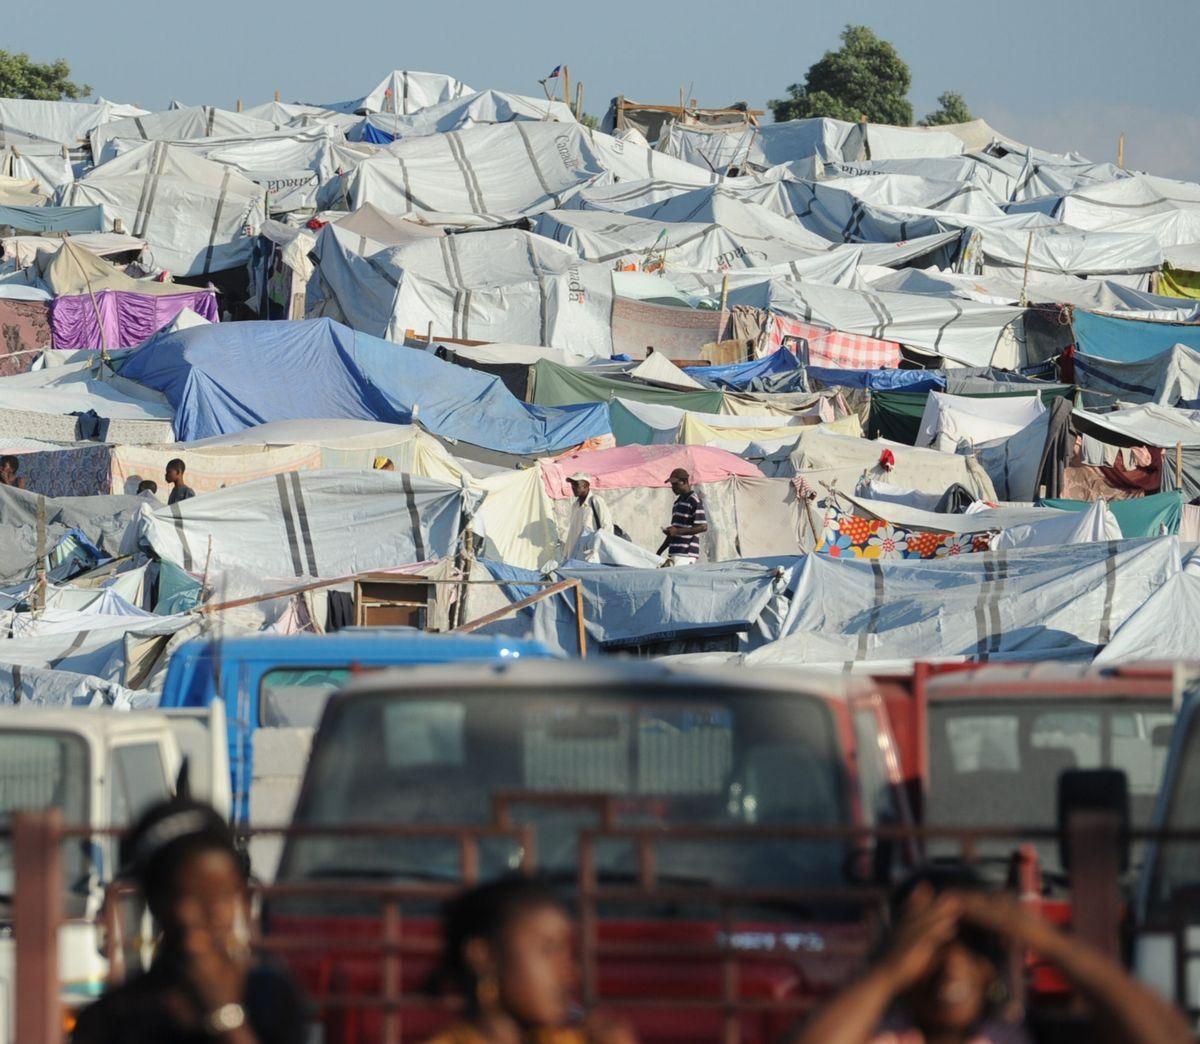 写真・図版 : ハイチ大地震で、首都ポルトープランスの市街地にできた被災者たちのテント村=2010年2月7日午後、関口聡撮影